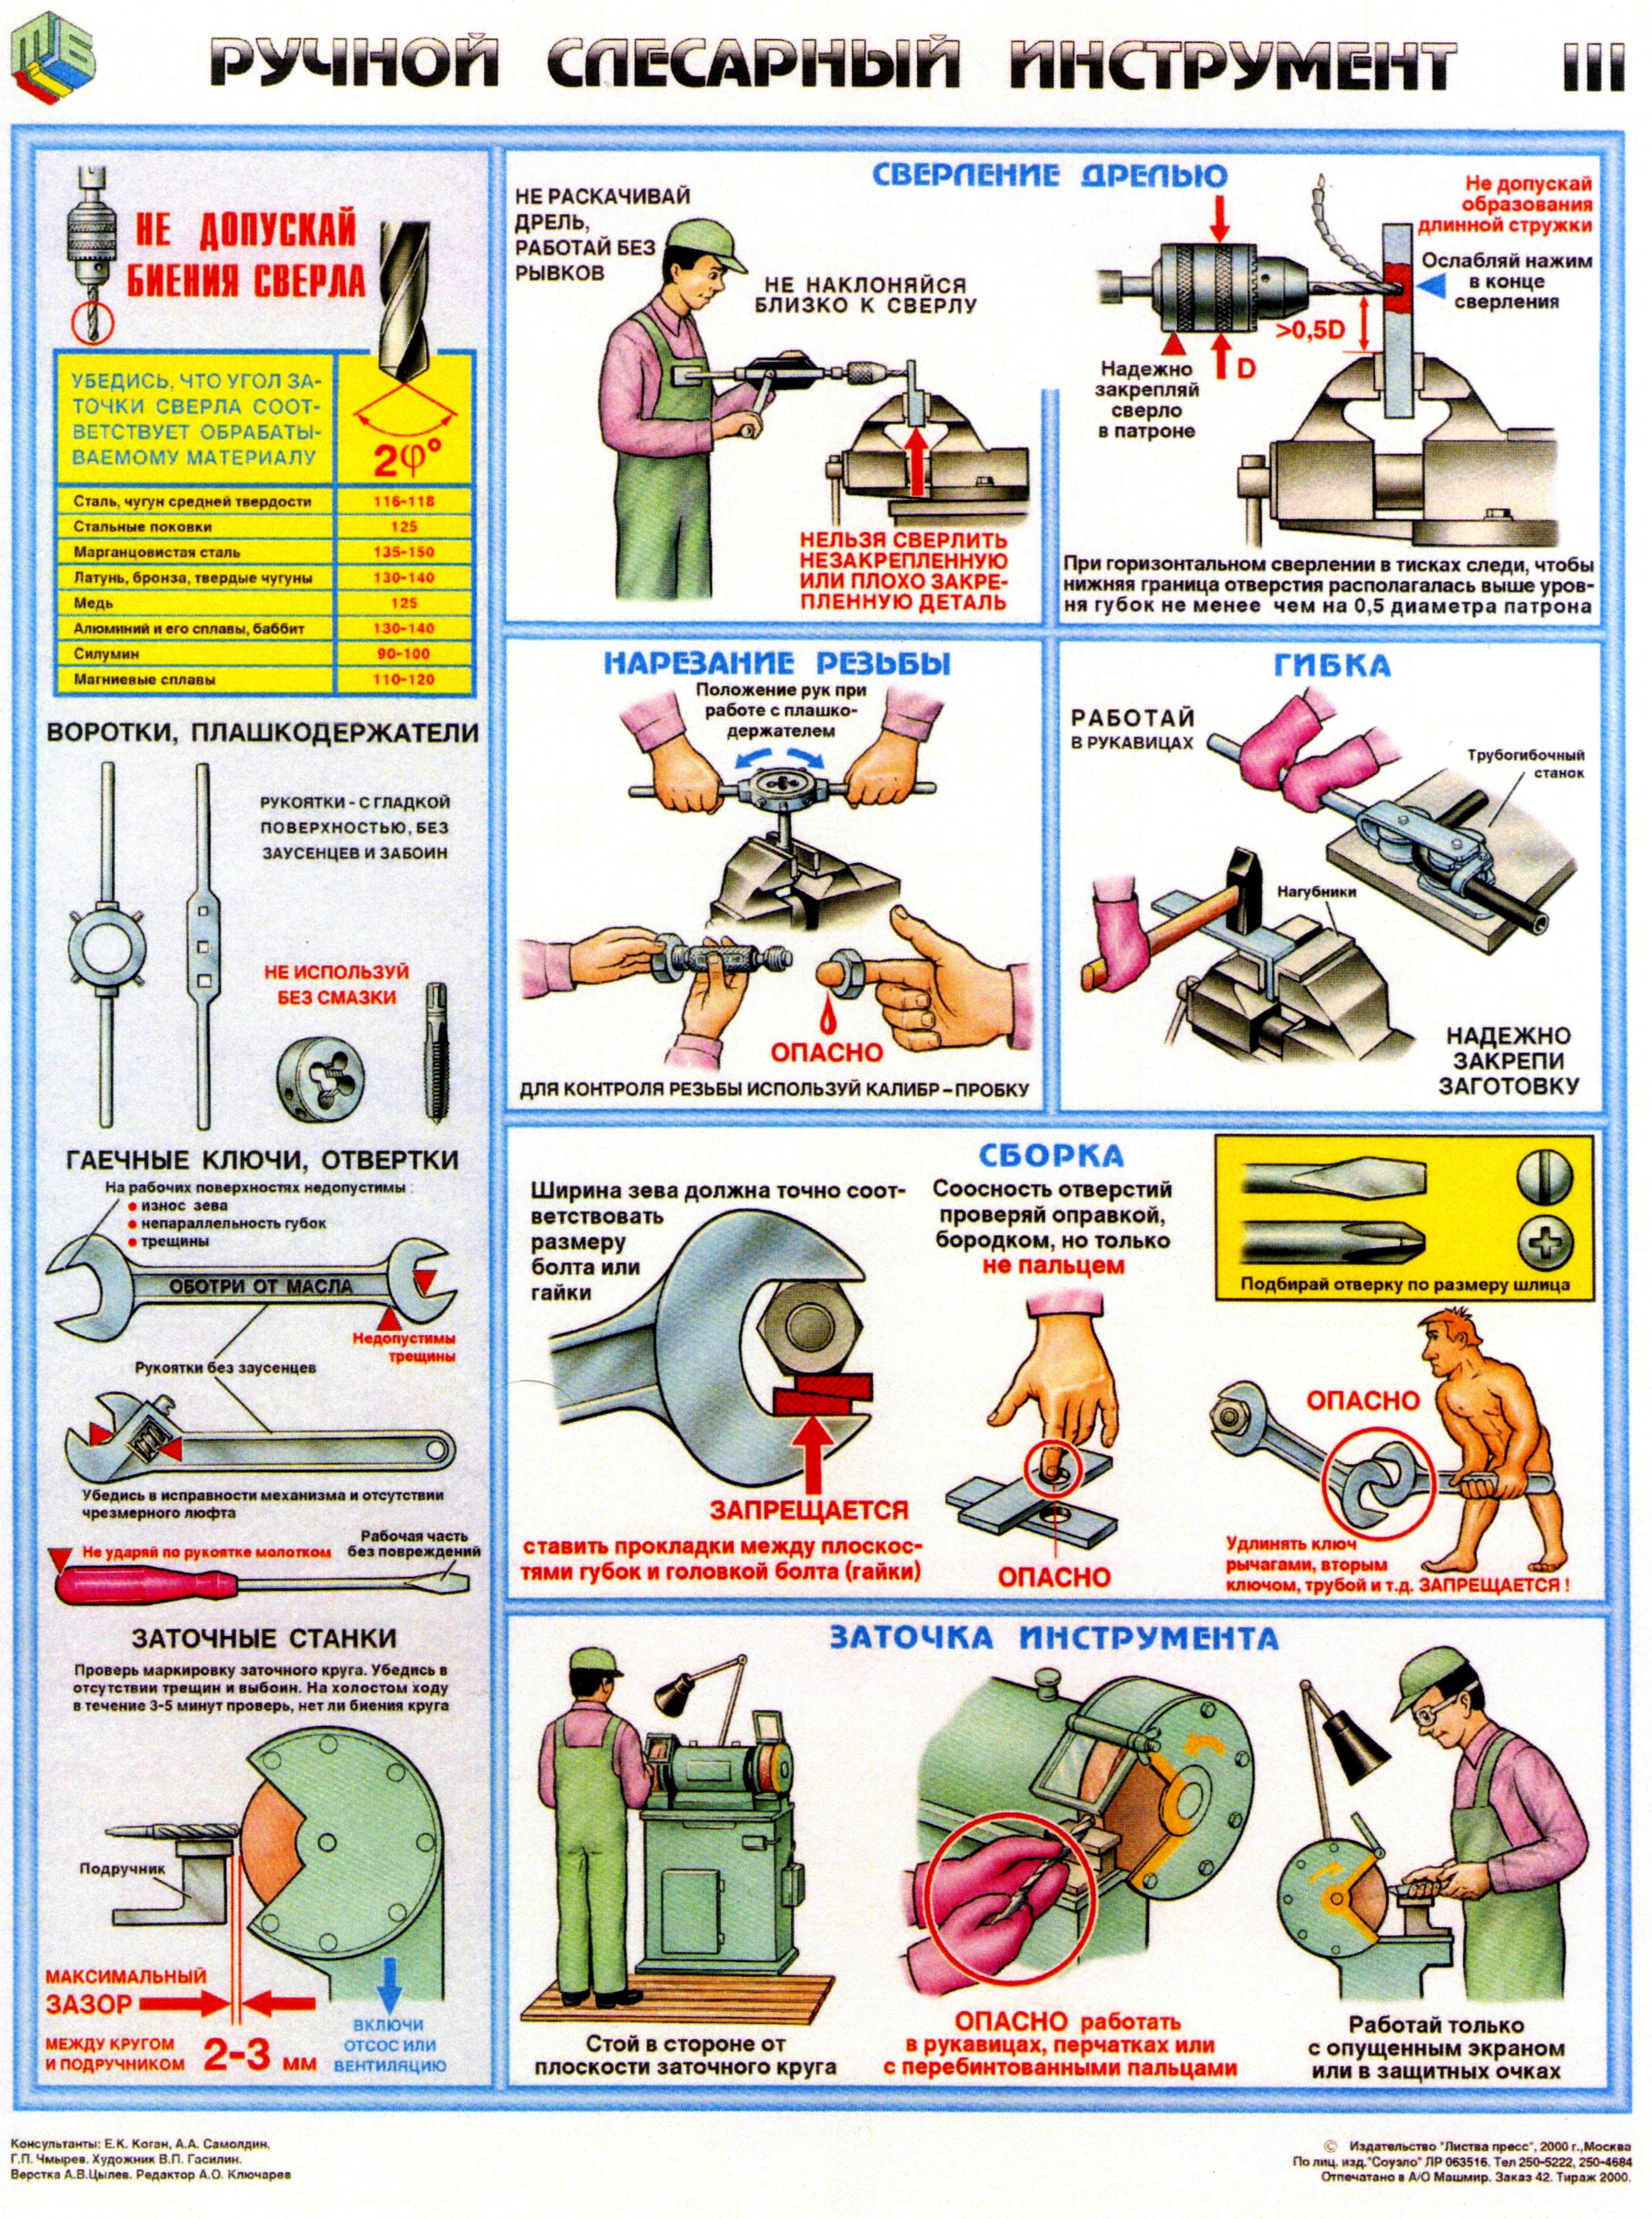 Инструкция по охране труда при работе с ручным инструментами